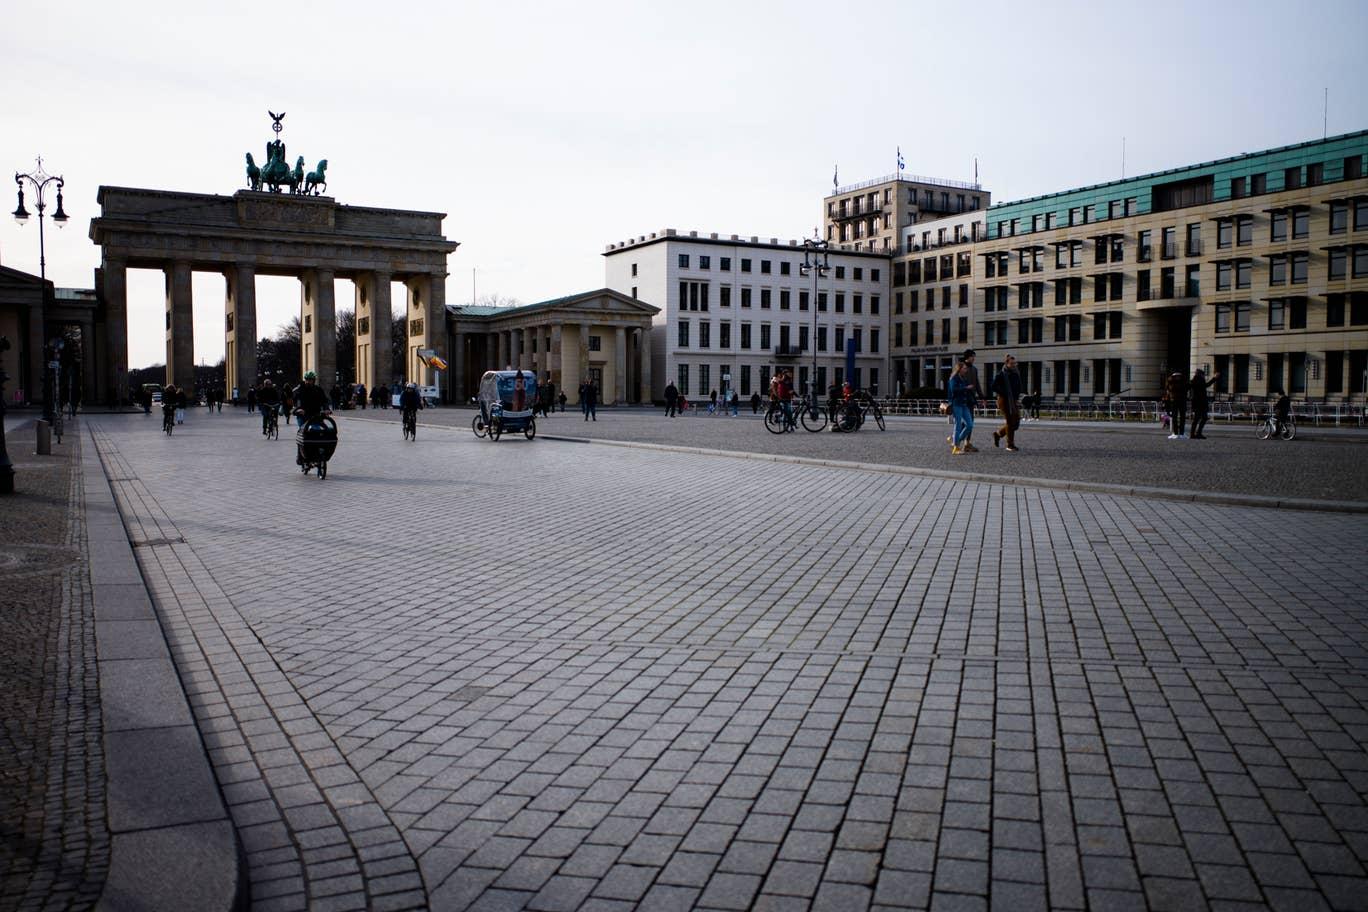 The Pariser Platz